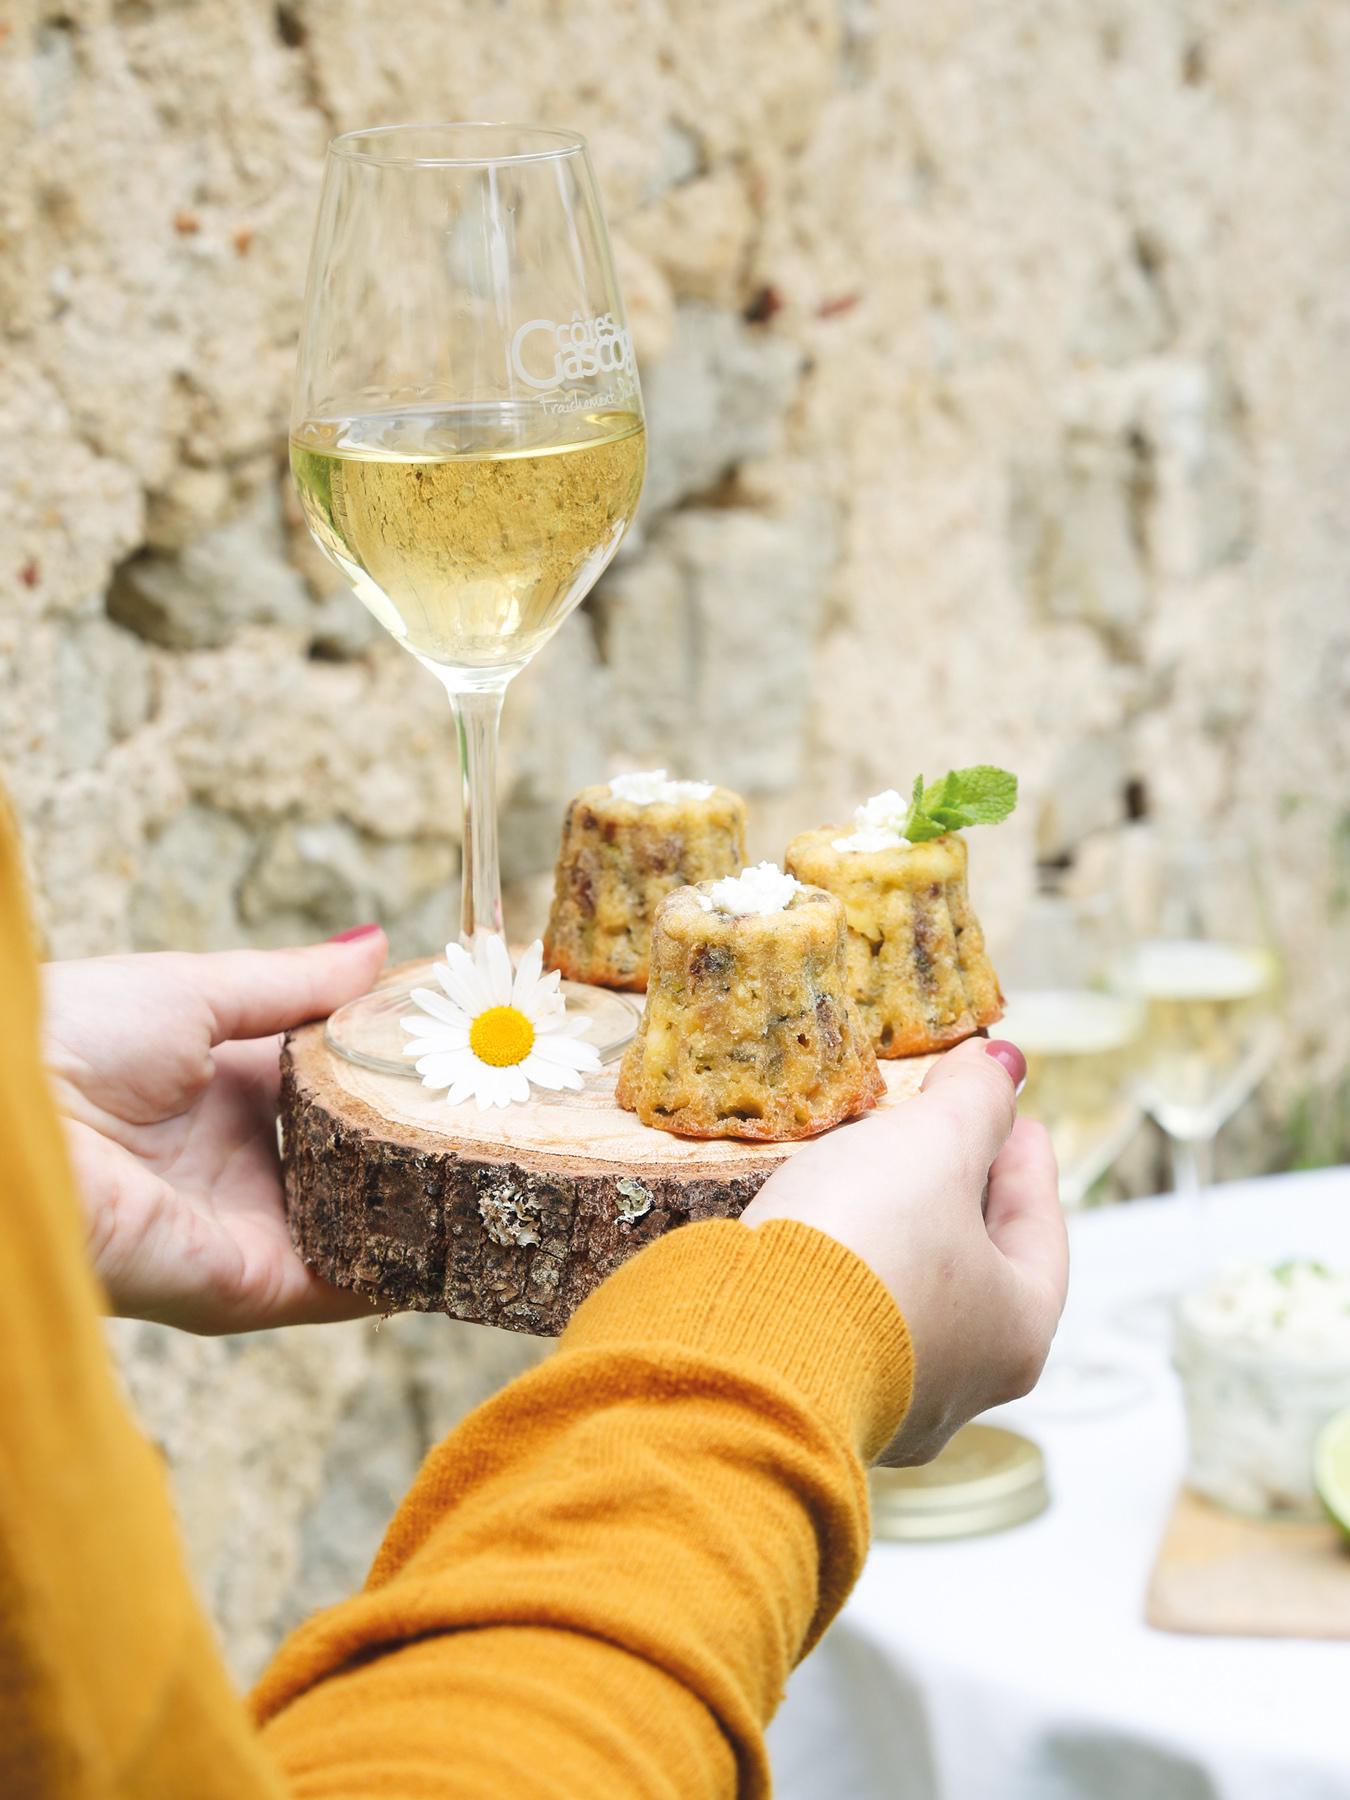 Leaf - Recette de cannelés courgette, feta et menthe. Accord mets et vins côte de Gascogne. Avec @Petitsbeguins et @LaWINEista